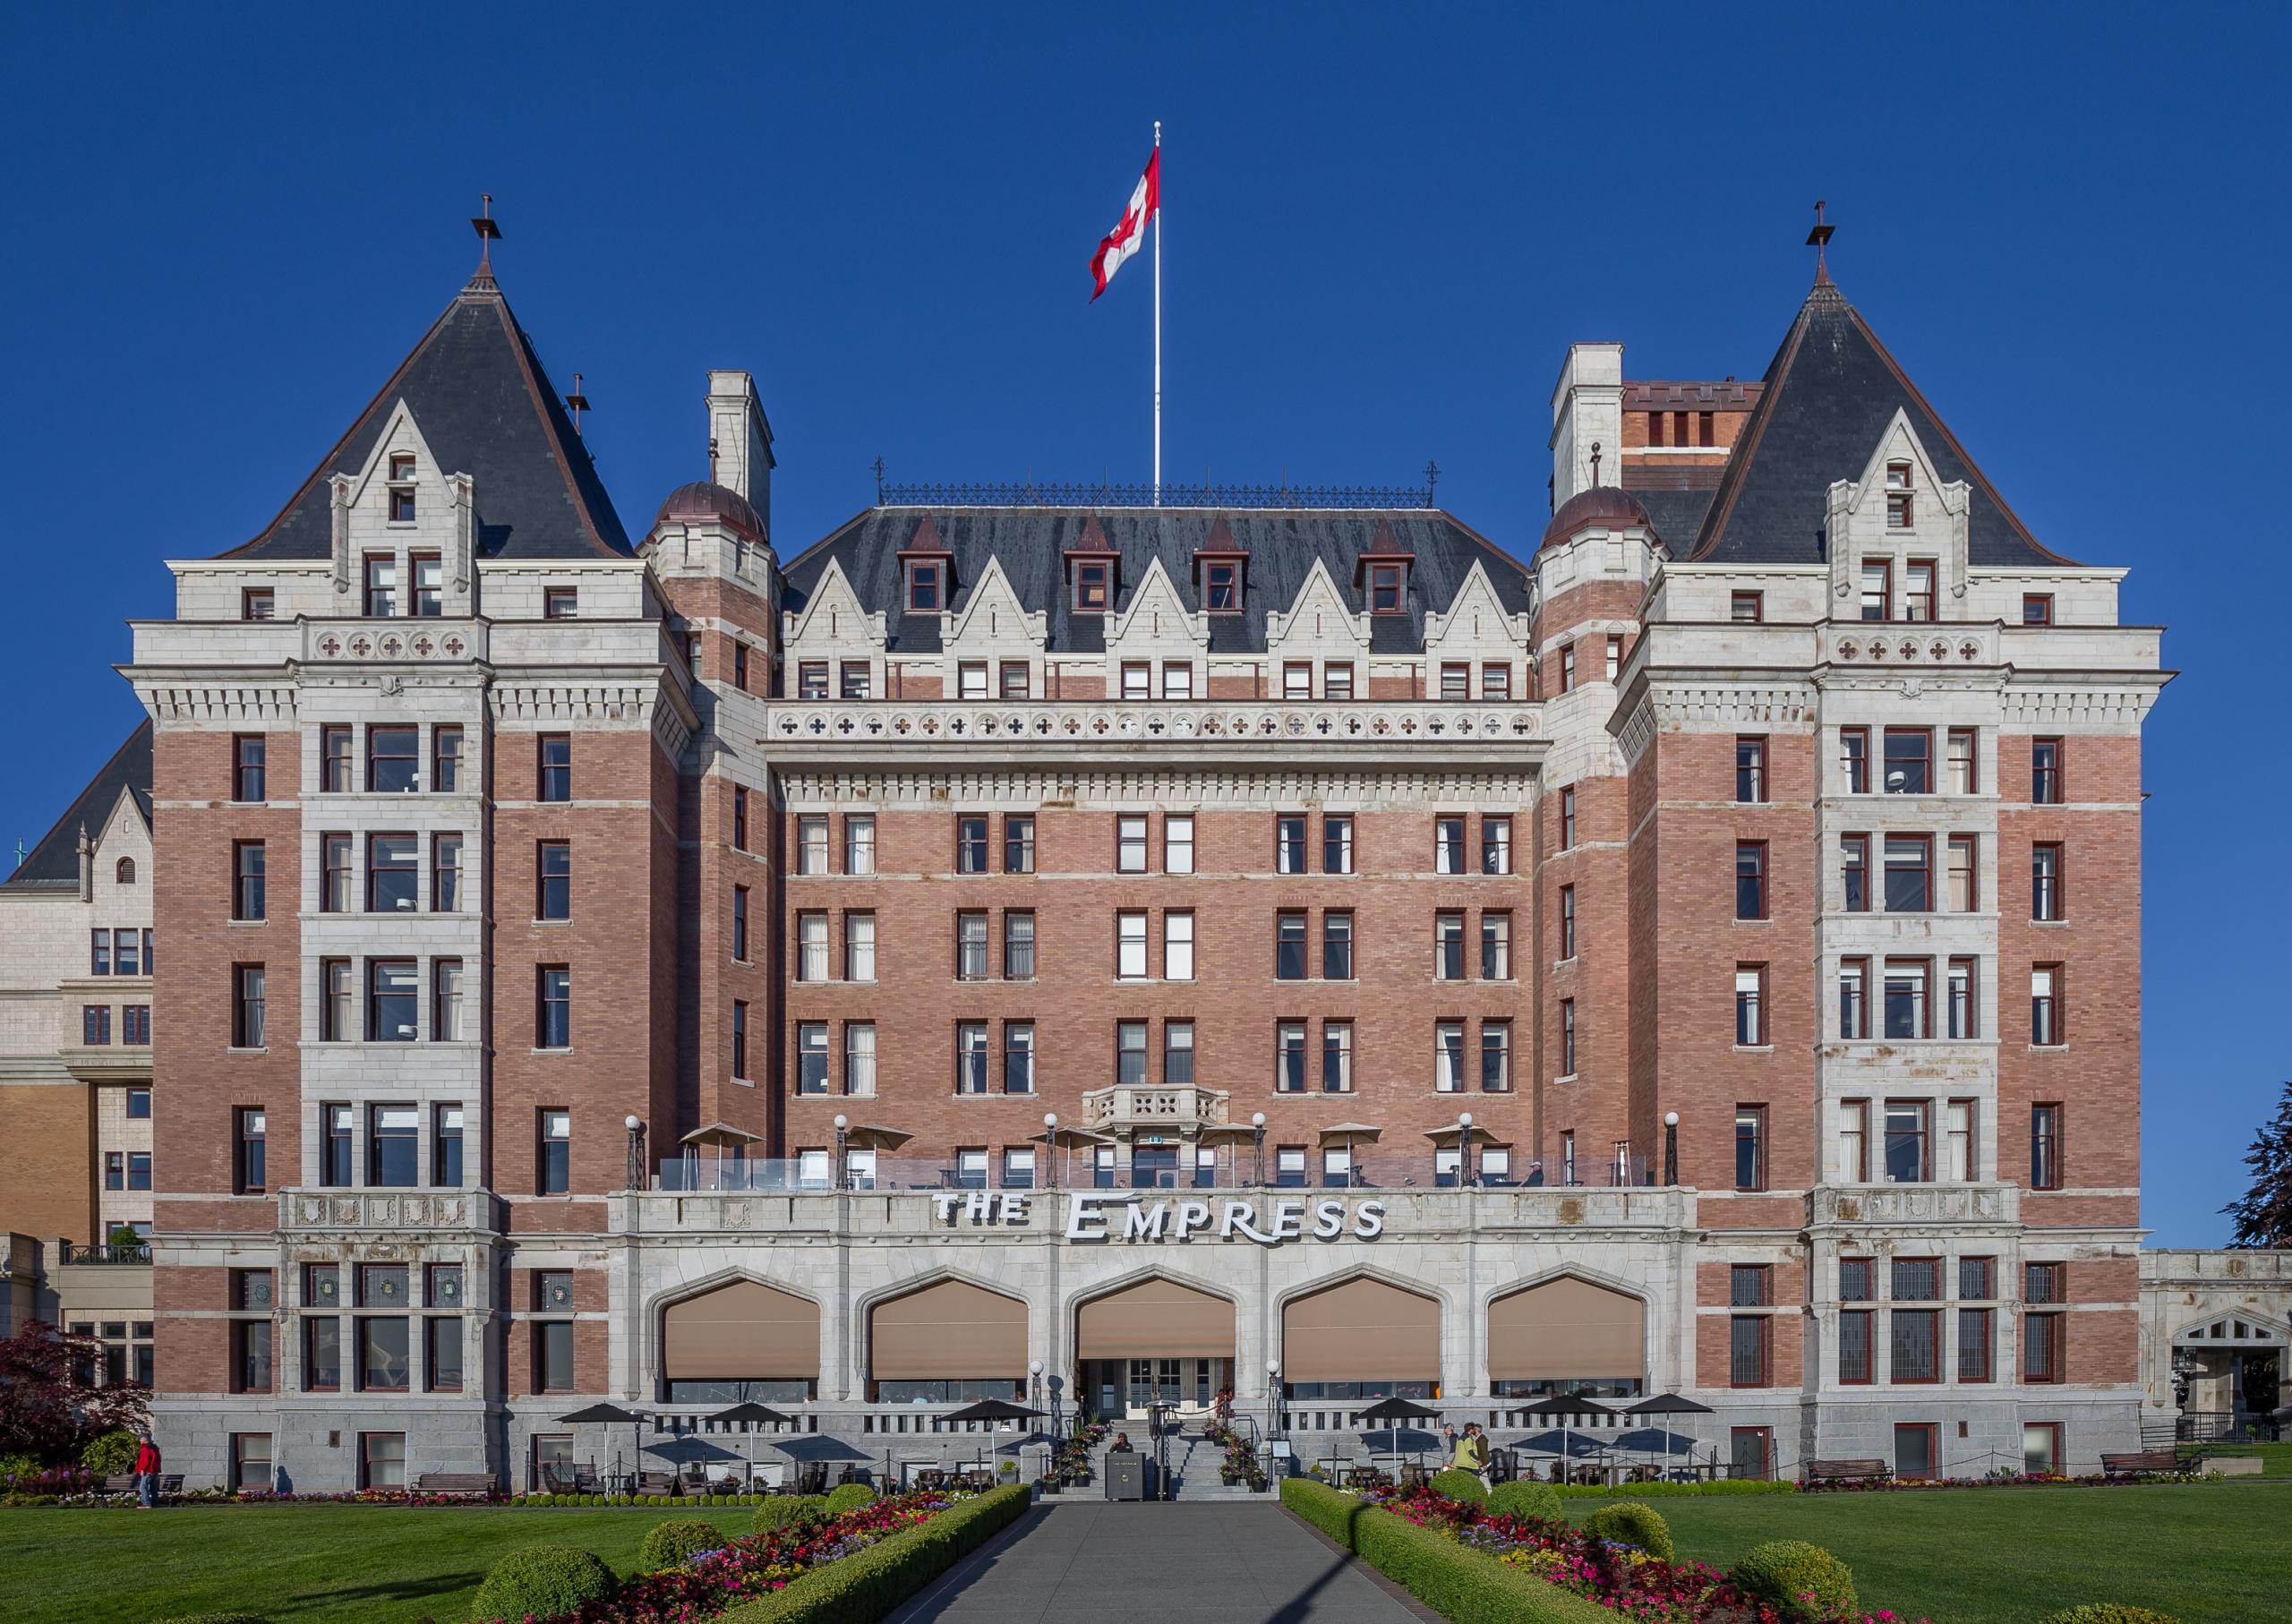 هتل تاریخی امپرس